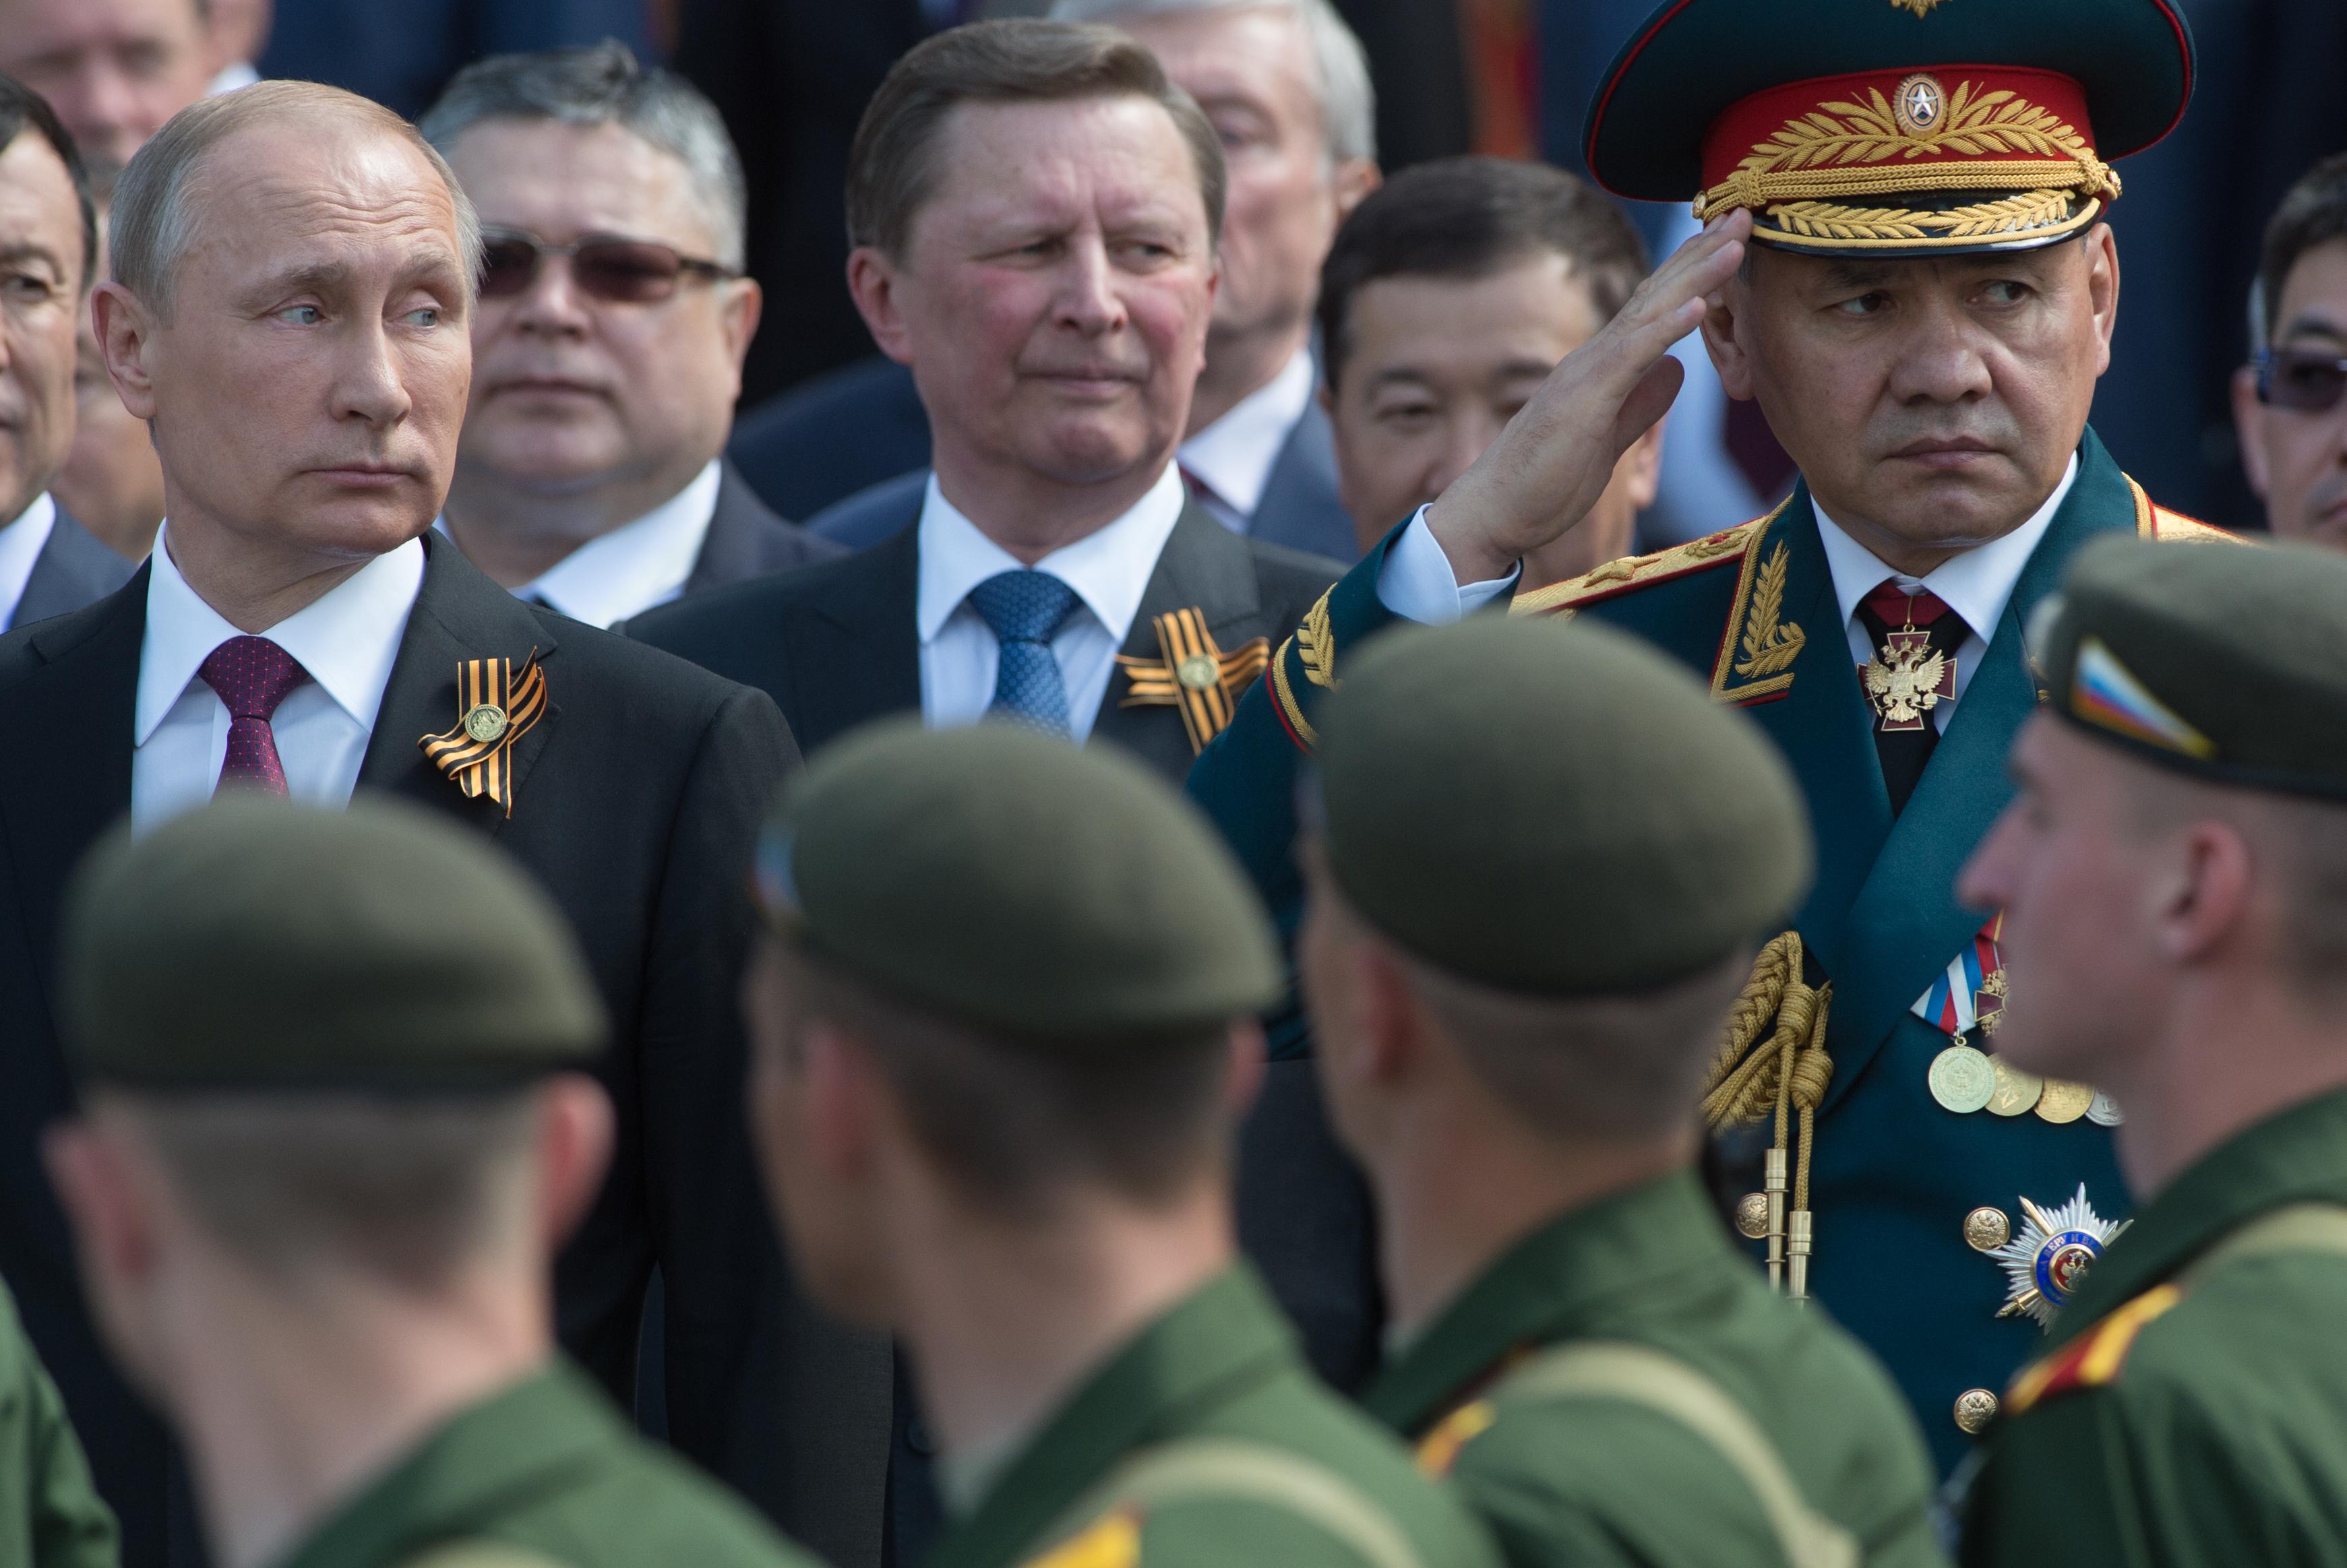 Le président Vladimir Poutine, le chef de son cabinet Sergueï Ivanov et le ministre russe de la Défense Sergueï Choïgou.